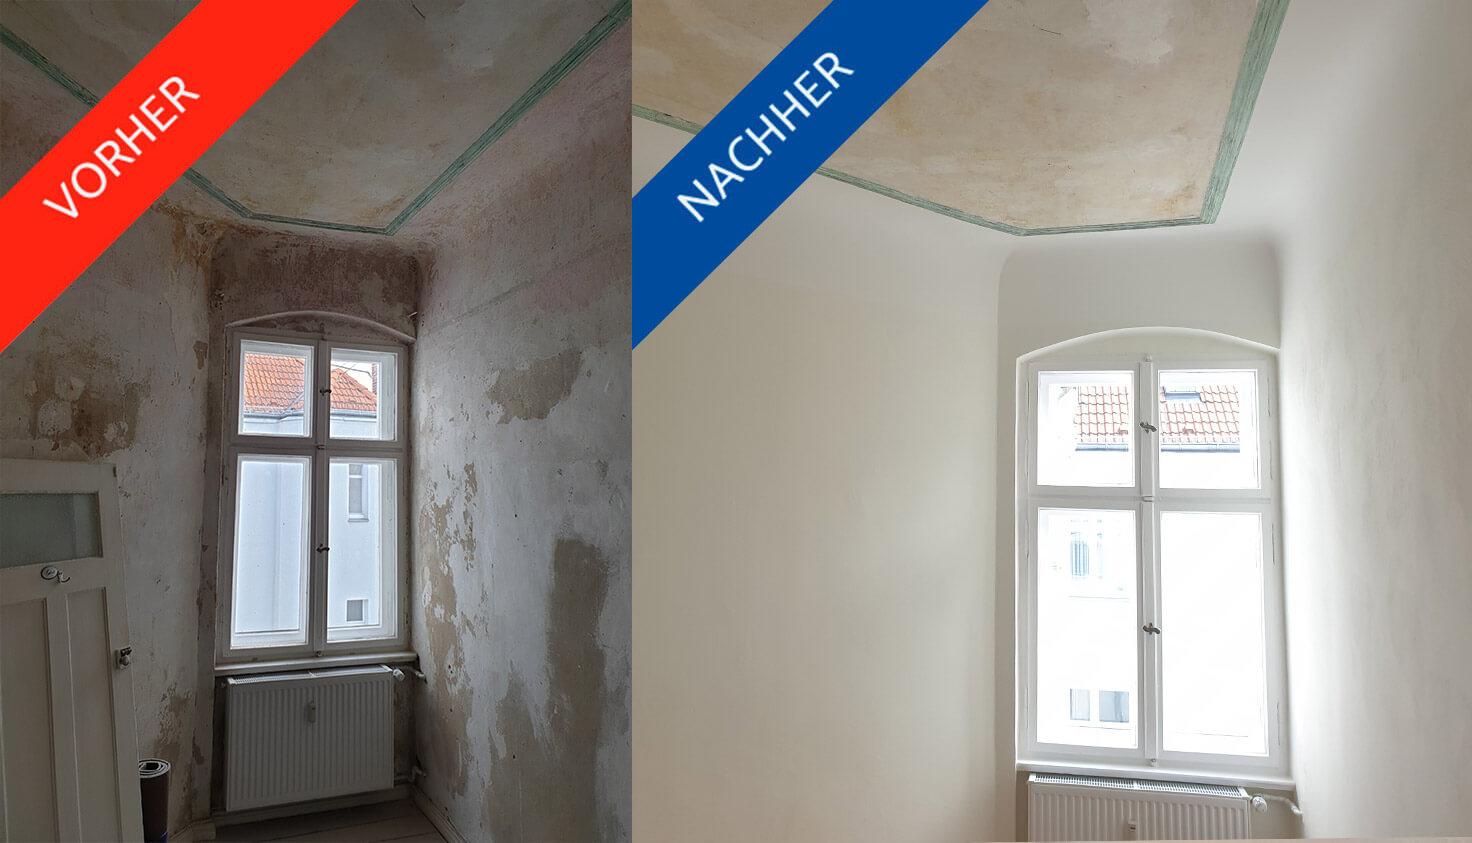 Vorher/nachher Vergleich von Zimmer in steglitzer Altbauwohnung